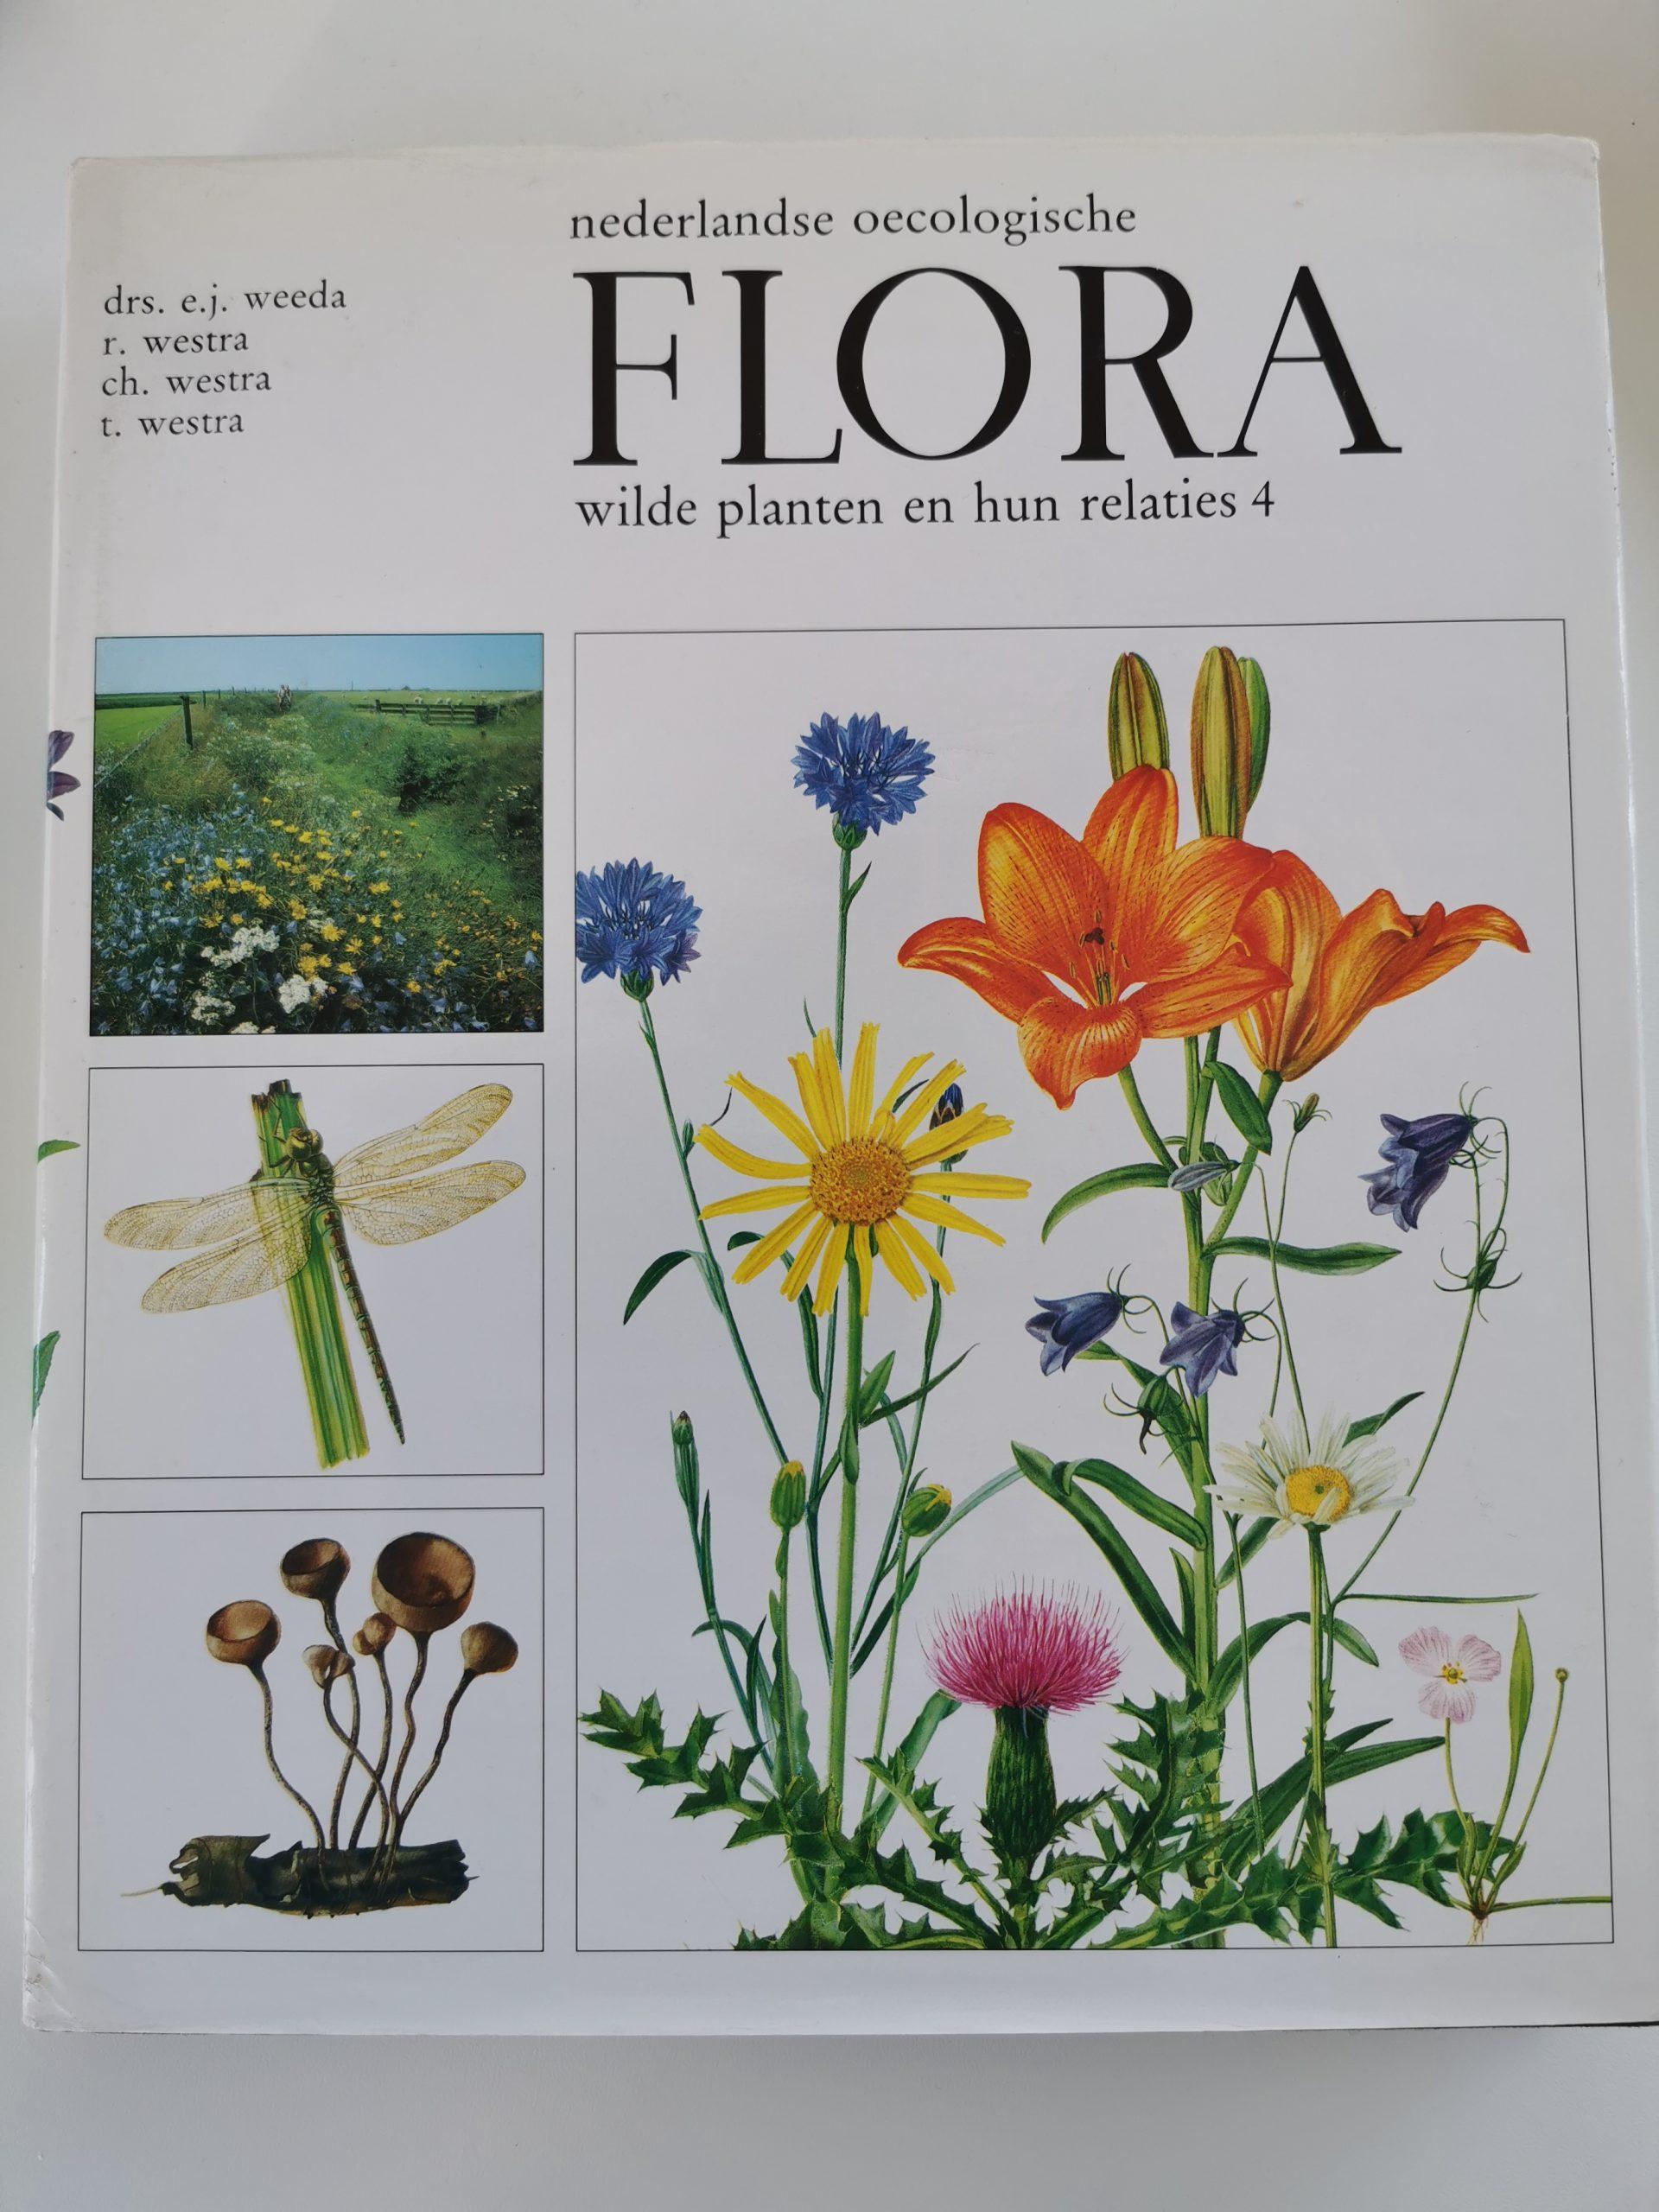 Nederlandse oecologische flora, wilde planten en hun relaties 4